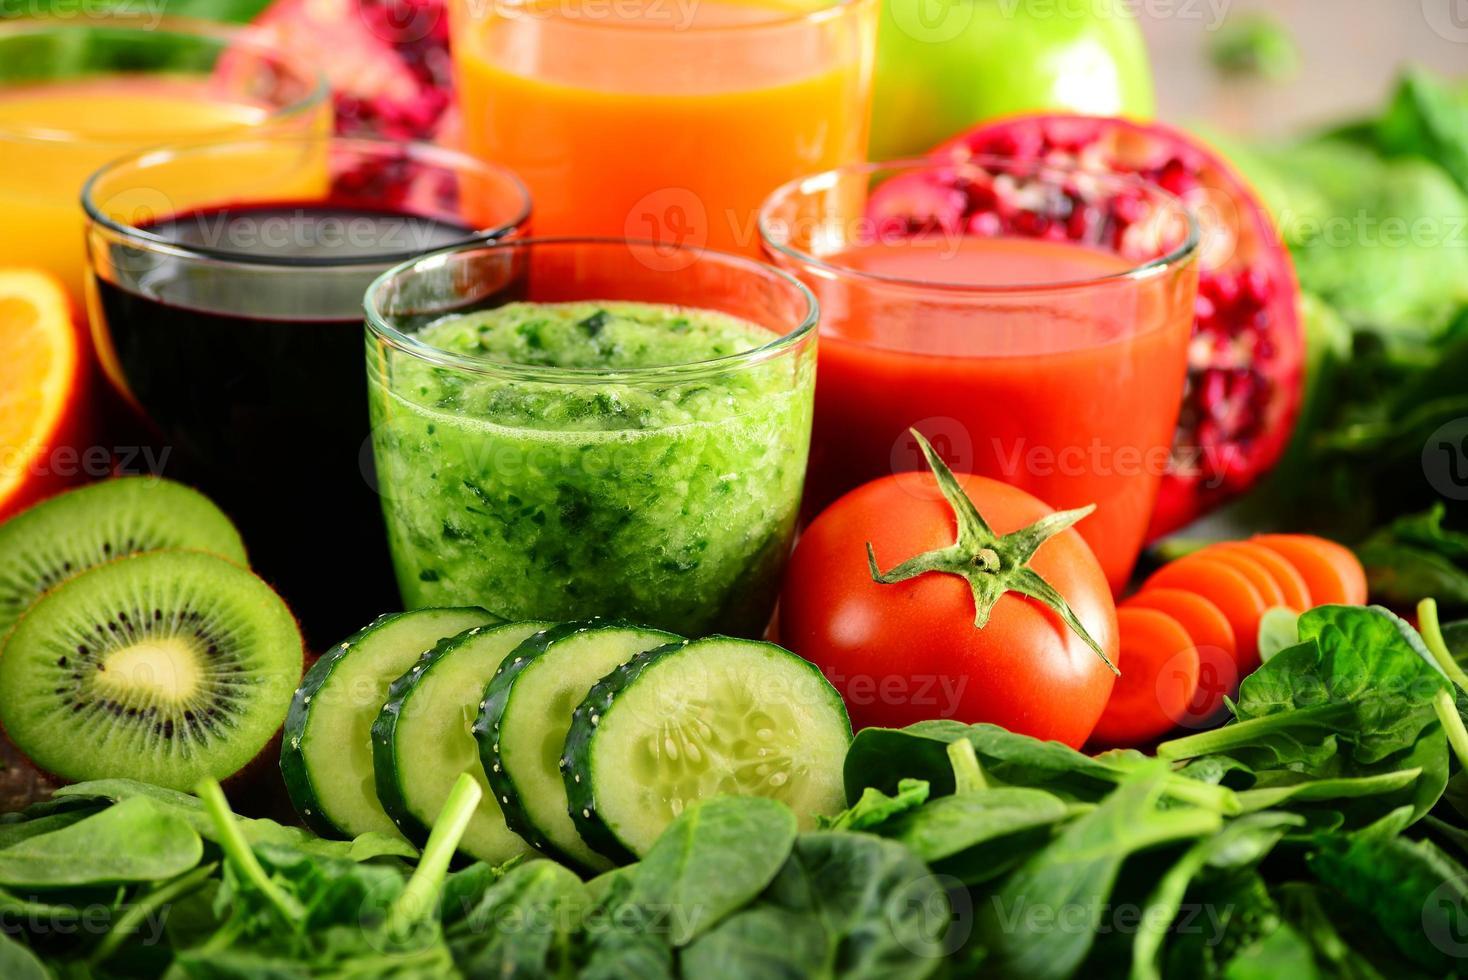 vasos con jugos de frutas y vegetales orgánicos frescos foto